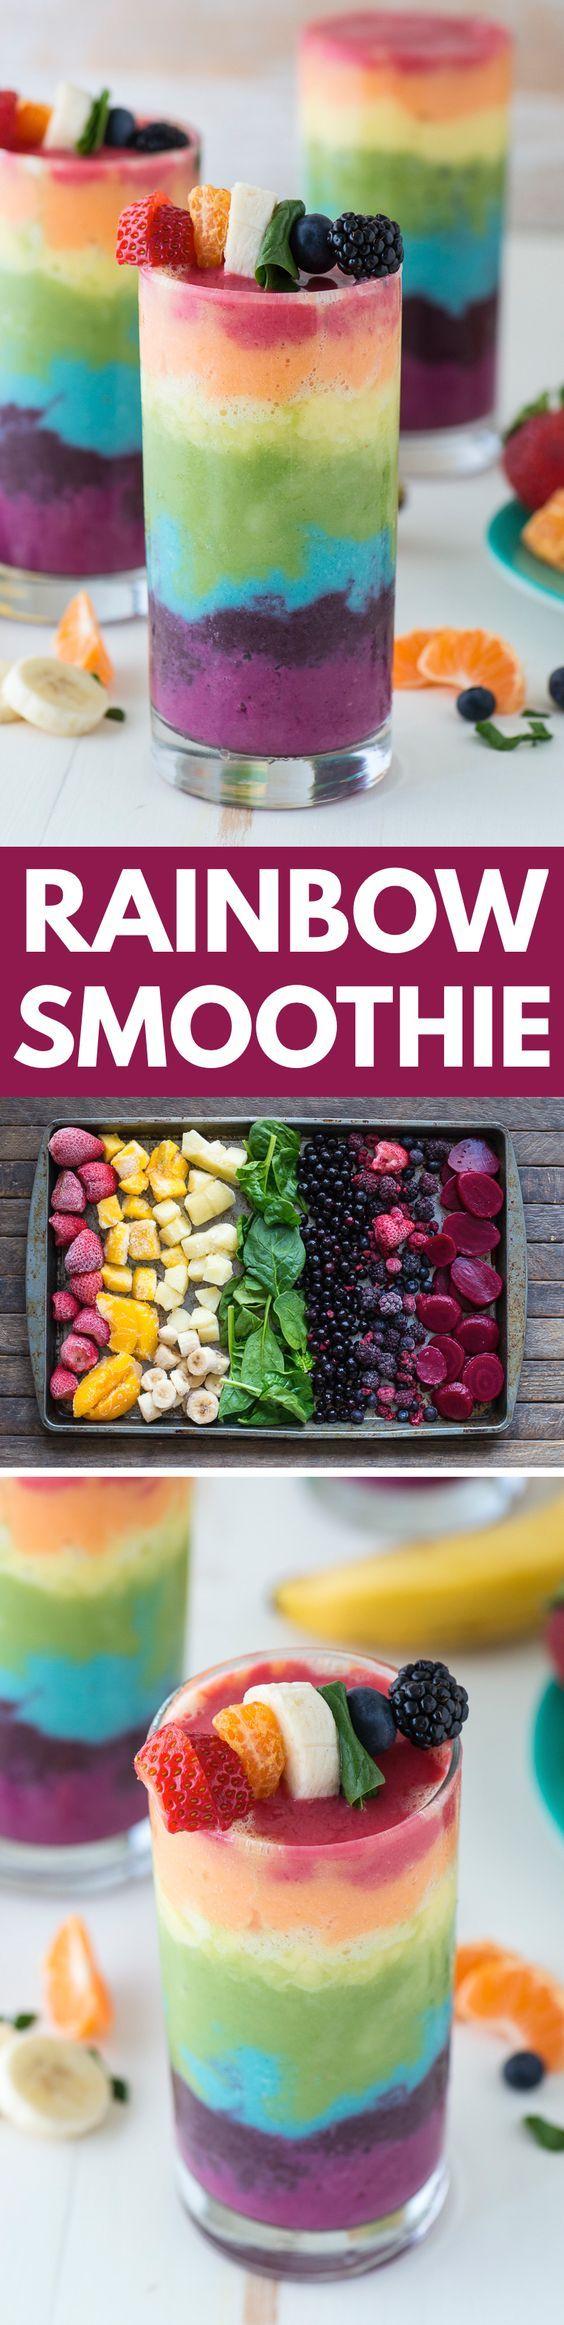 Hermosa 7 capas receta batido arco iris! Llena de toneladas de frutas y cubierto con una brocheta de fruta, que es lo último batido arco iris!: